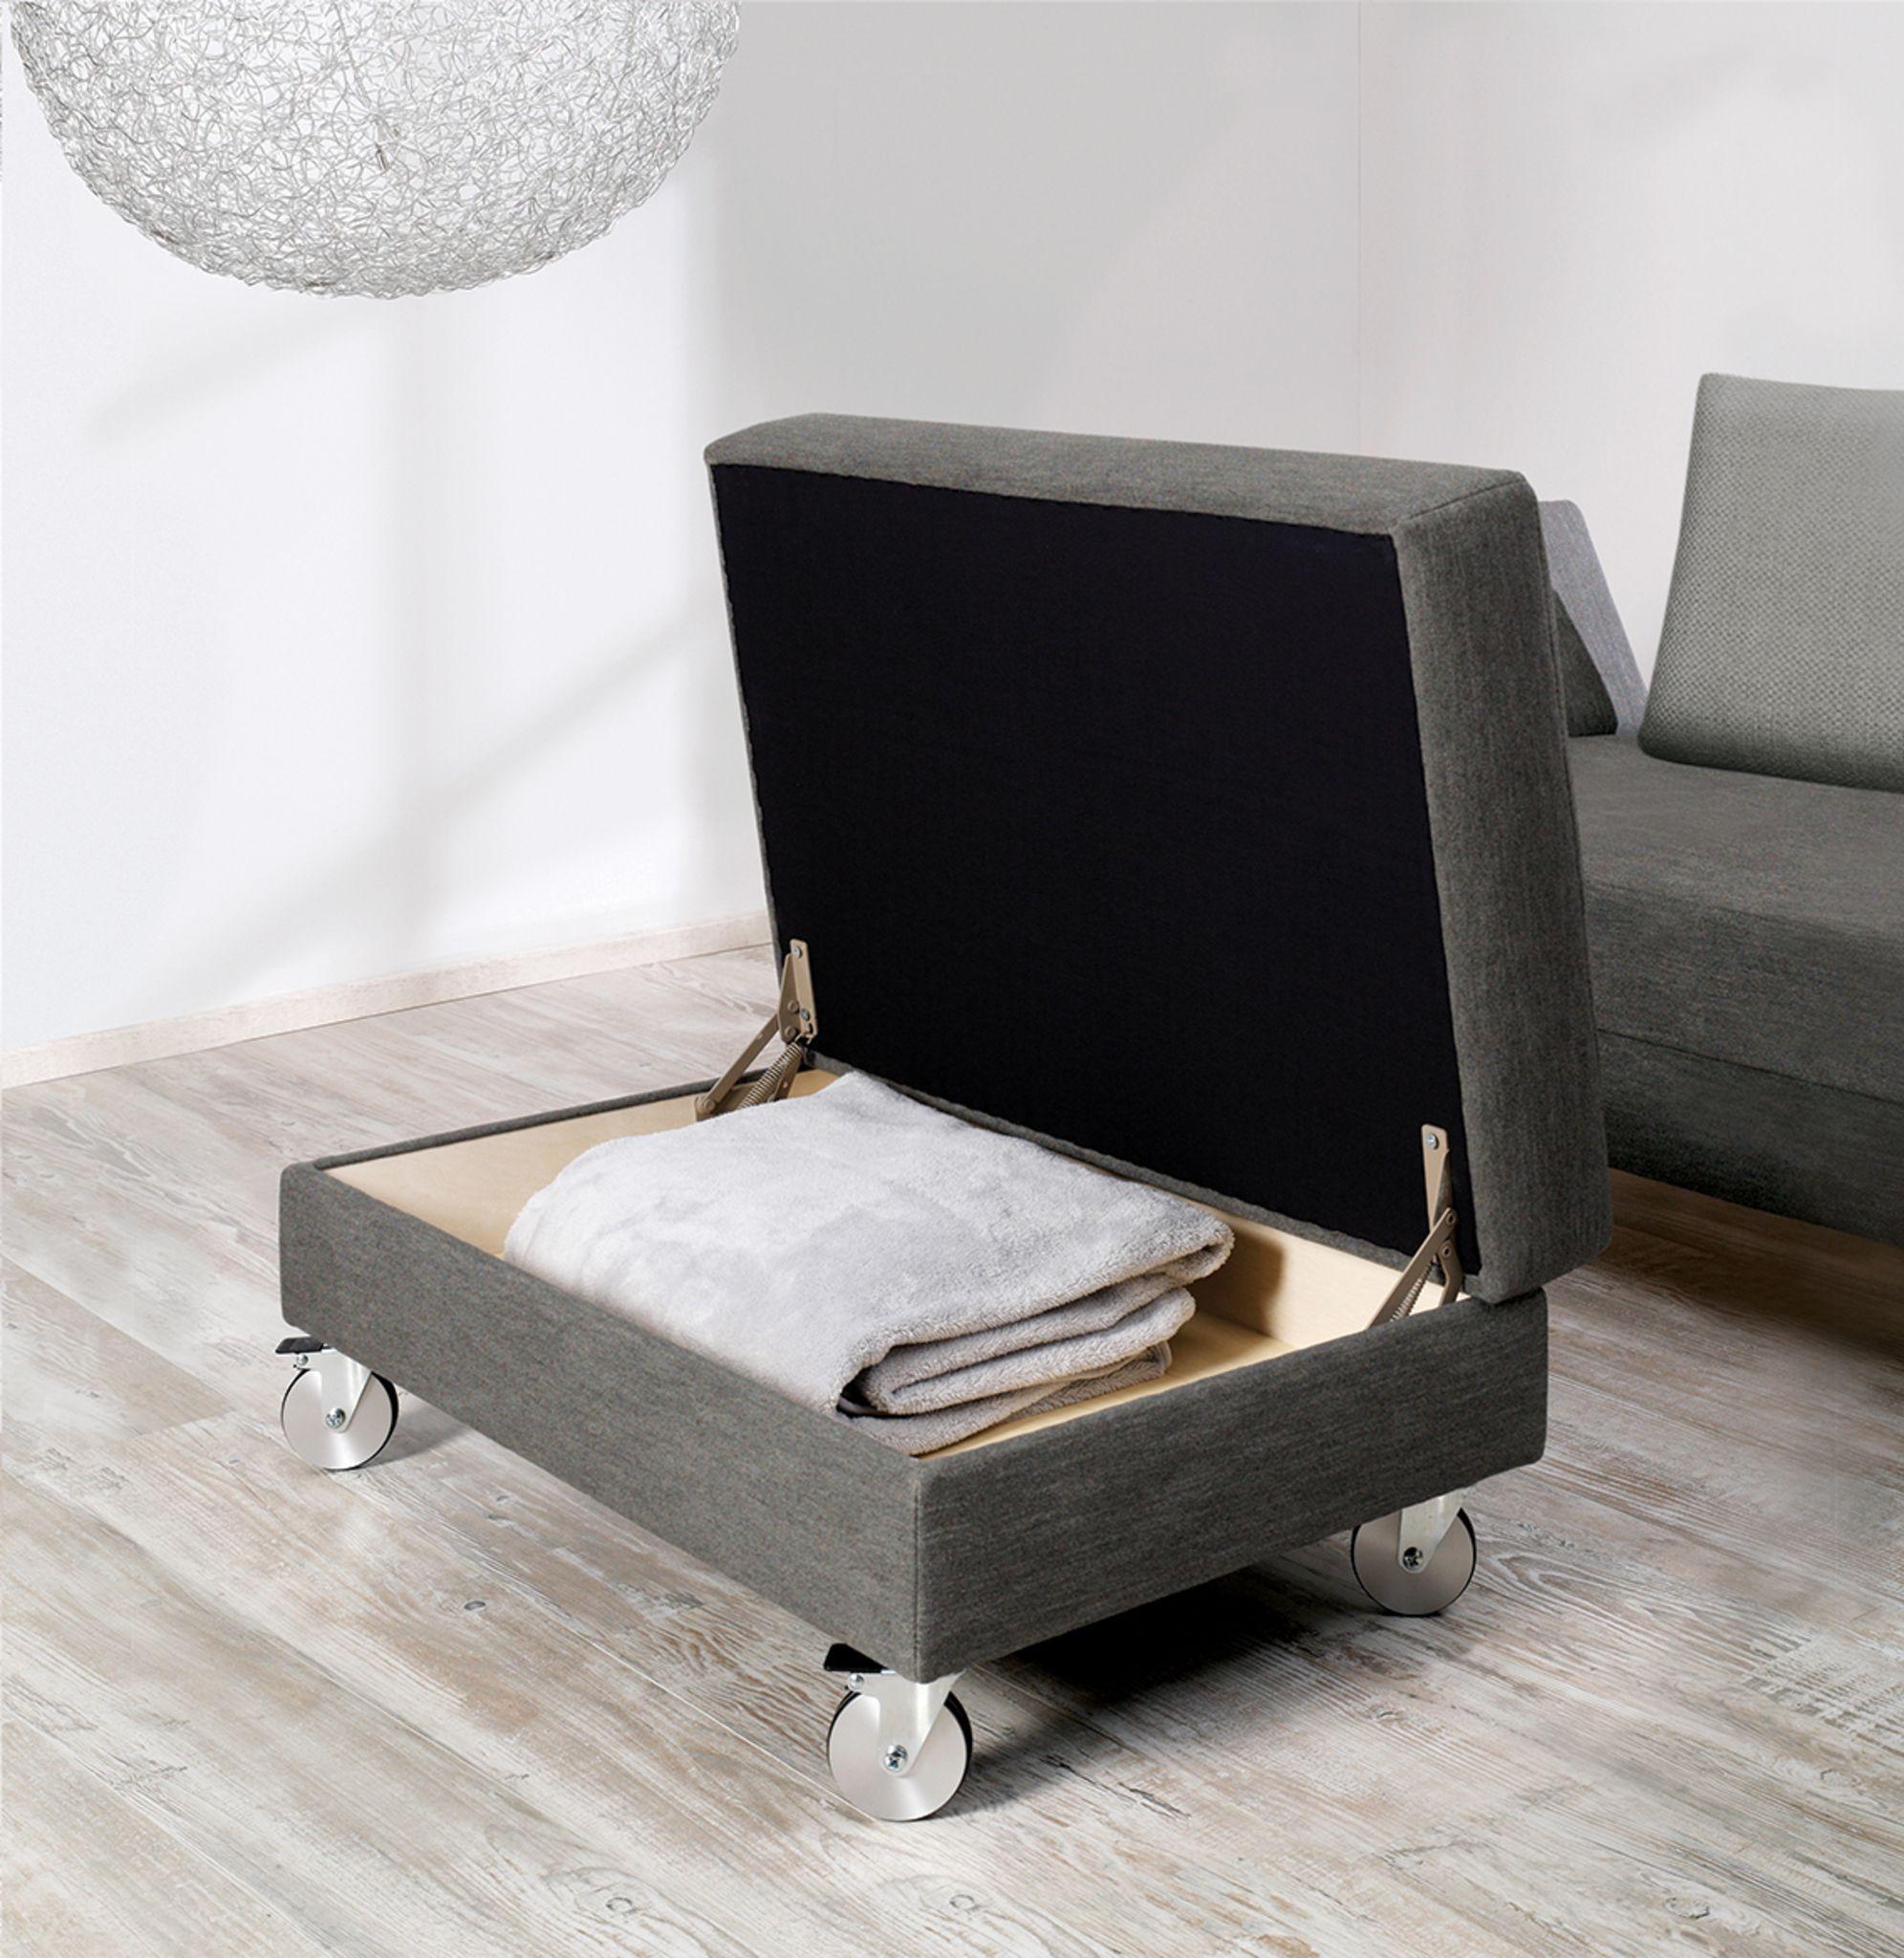 der praktische polsterhocker erg nzt die serie lucido perfekt das highlight dieses. Black Bedroom Furniture Sets. Home Design Ideas